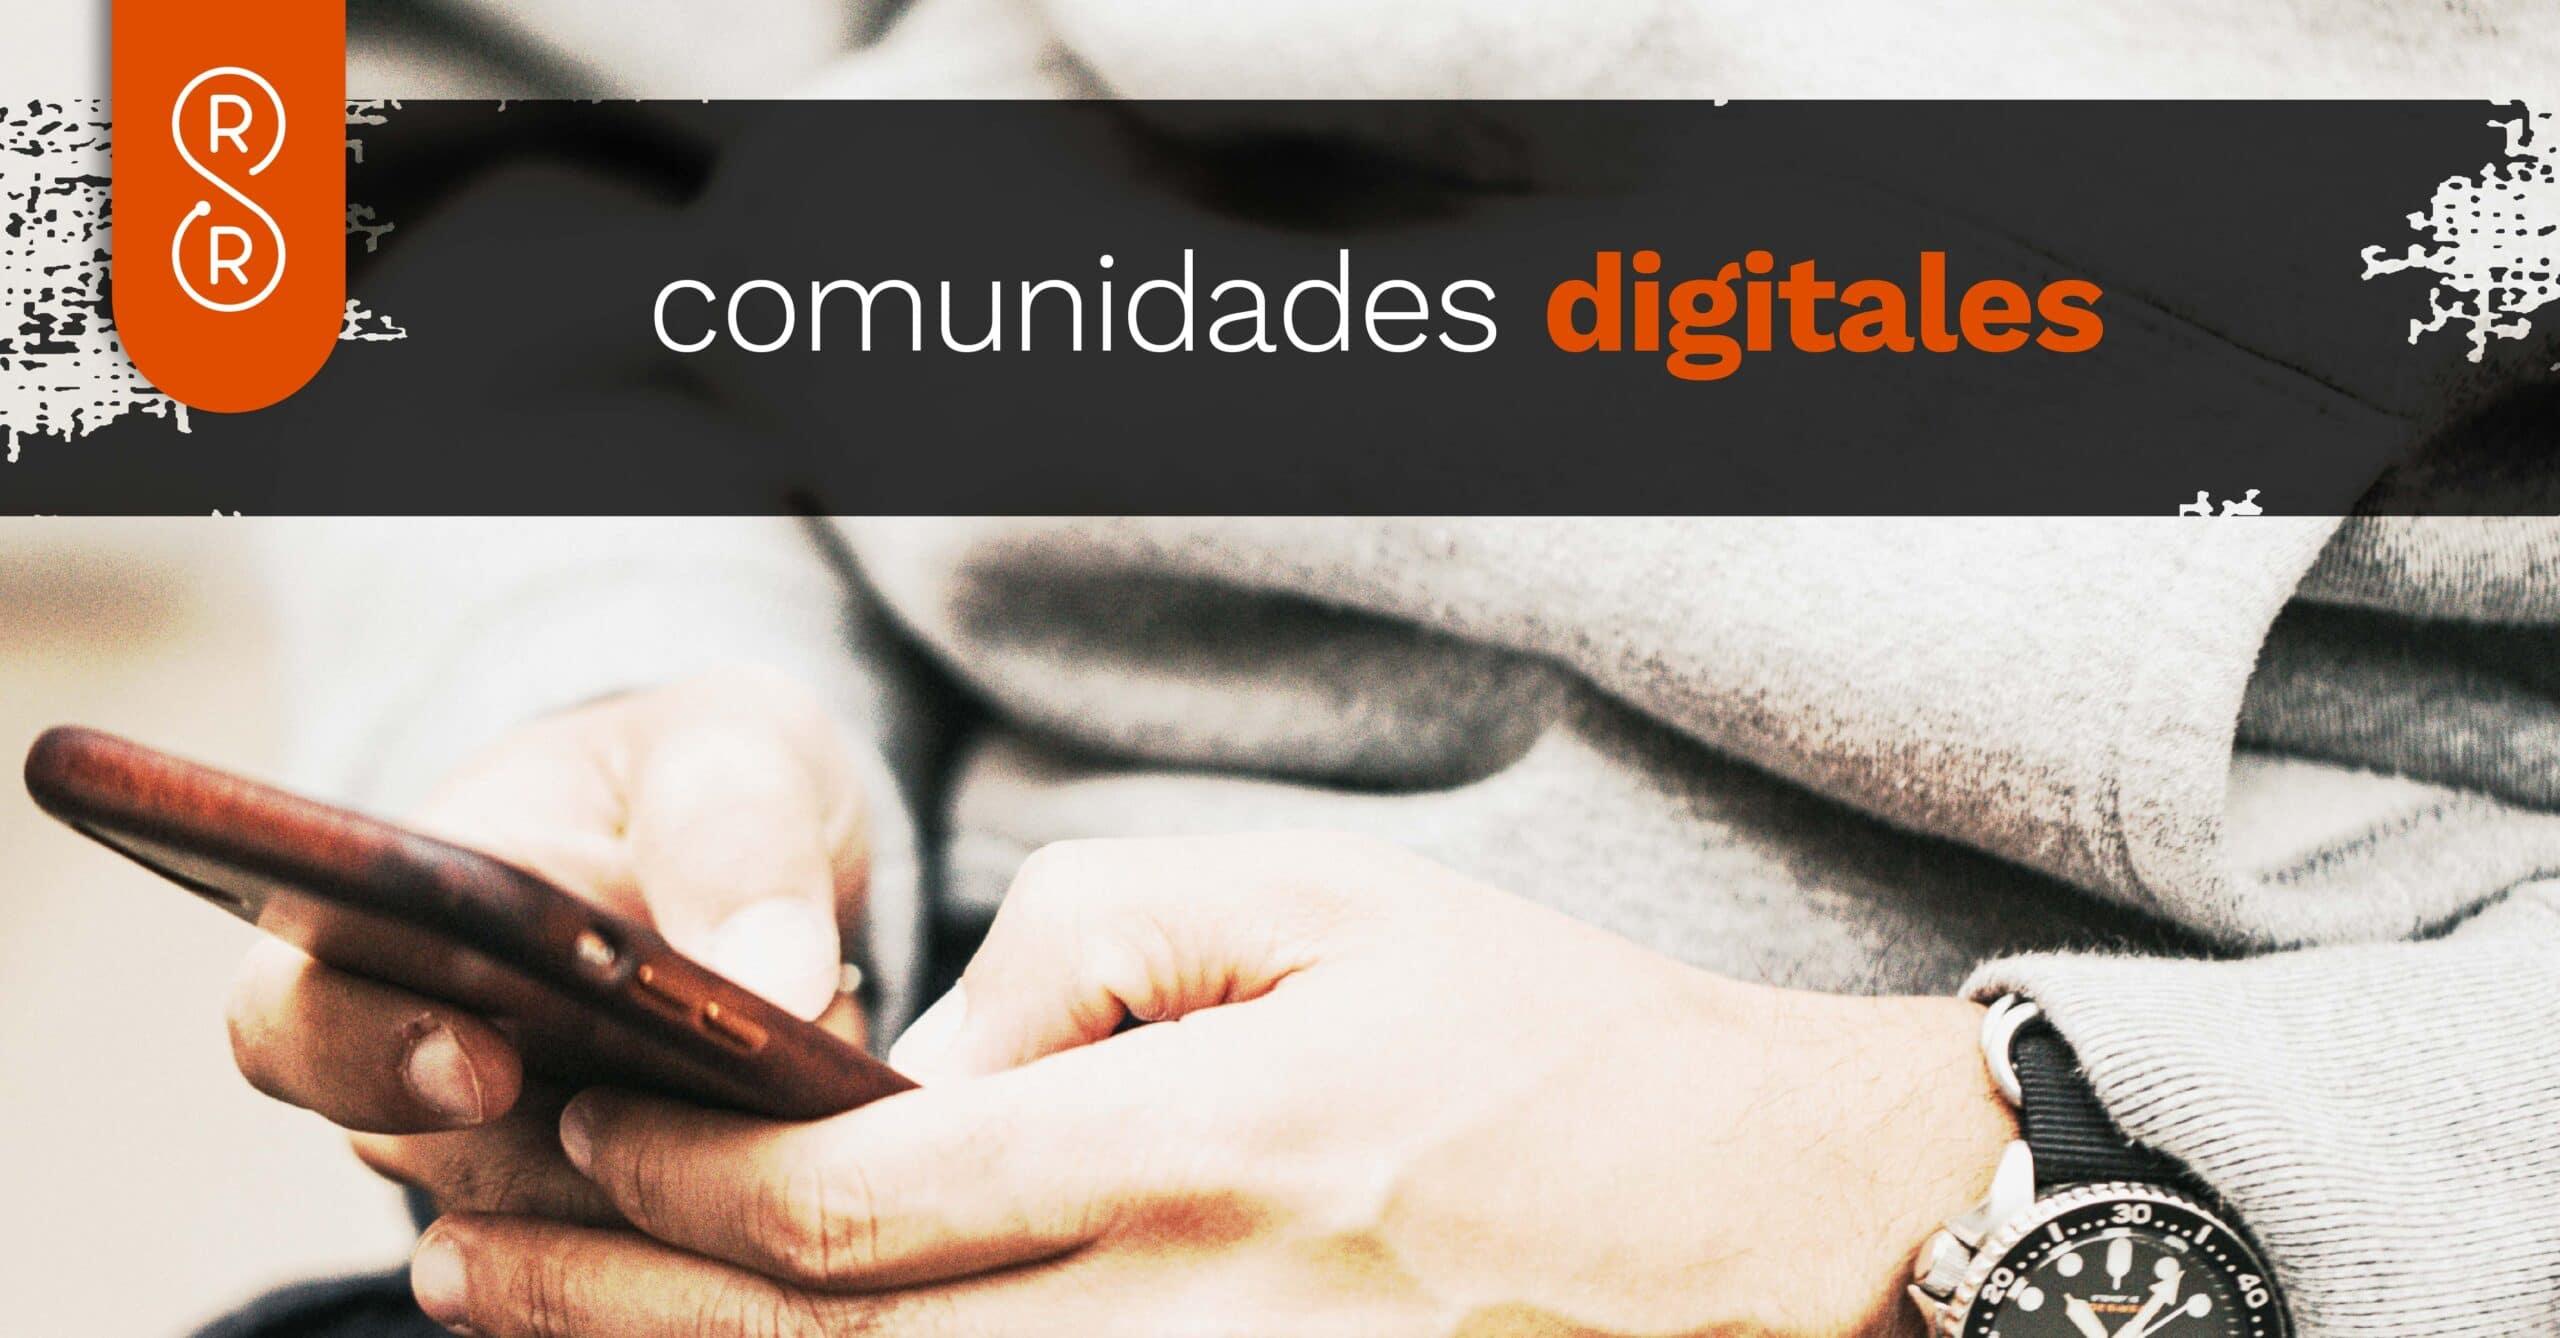 Comunidades digitales en política